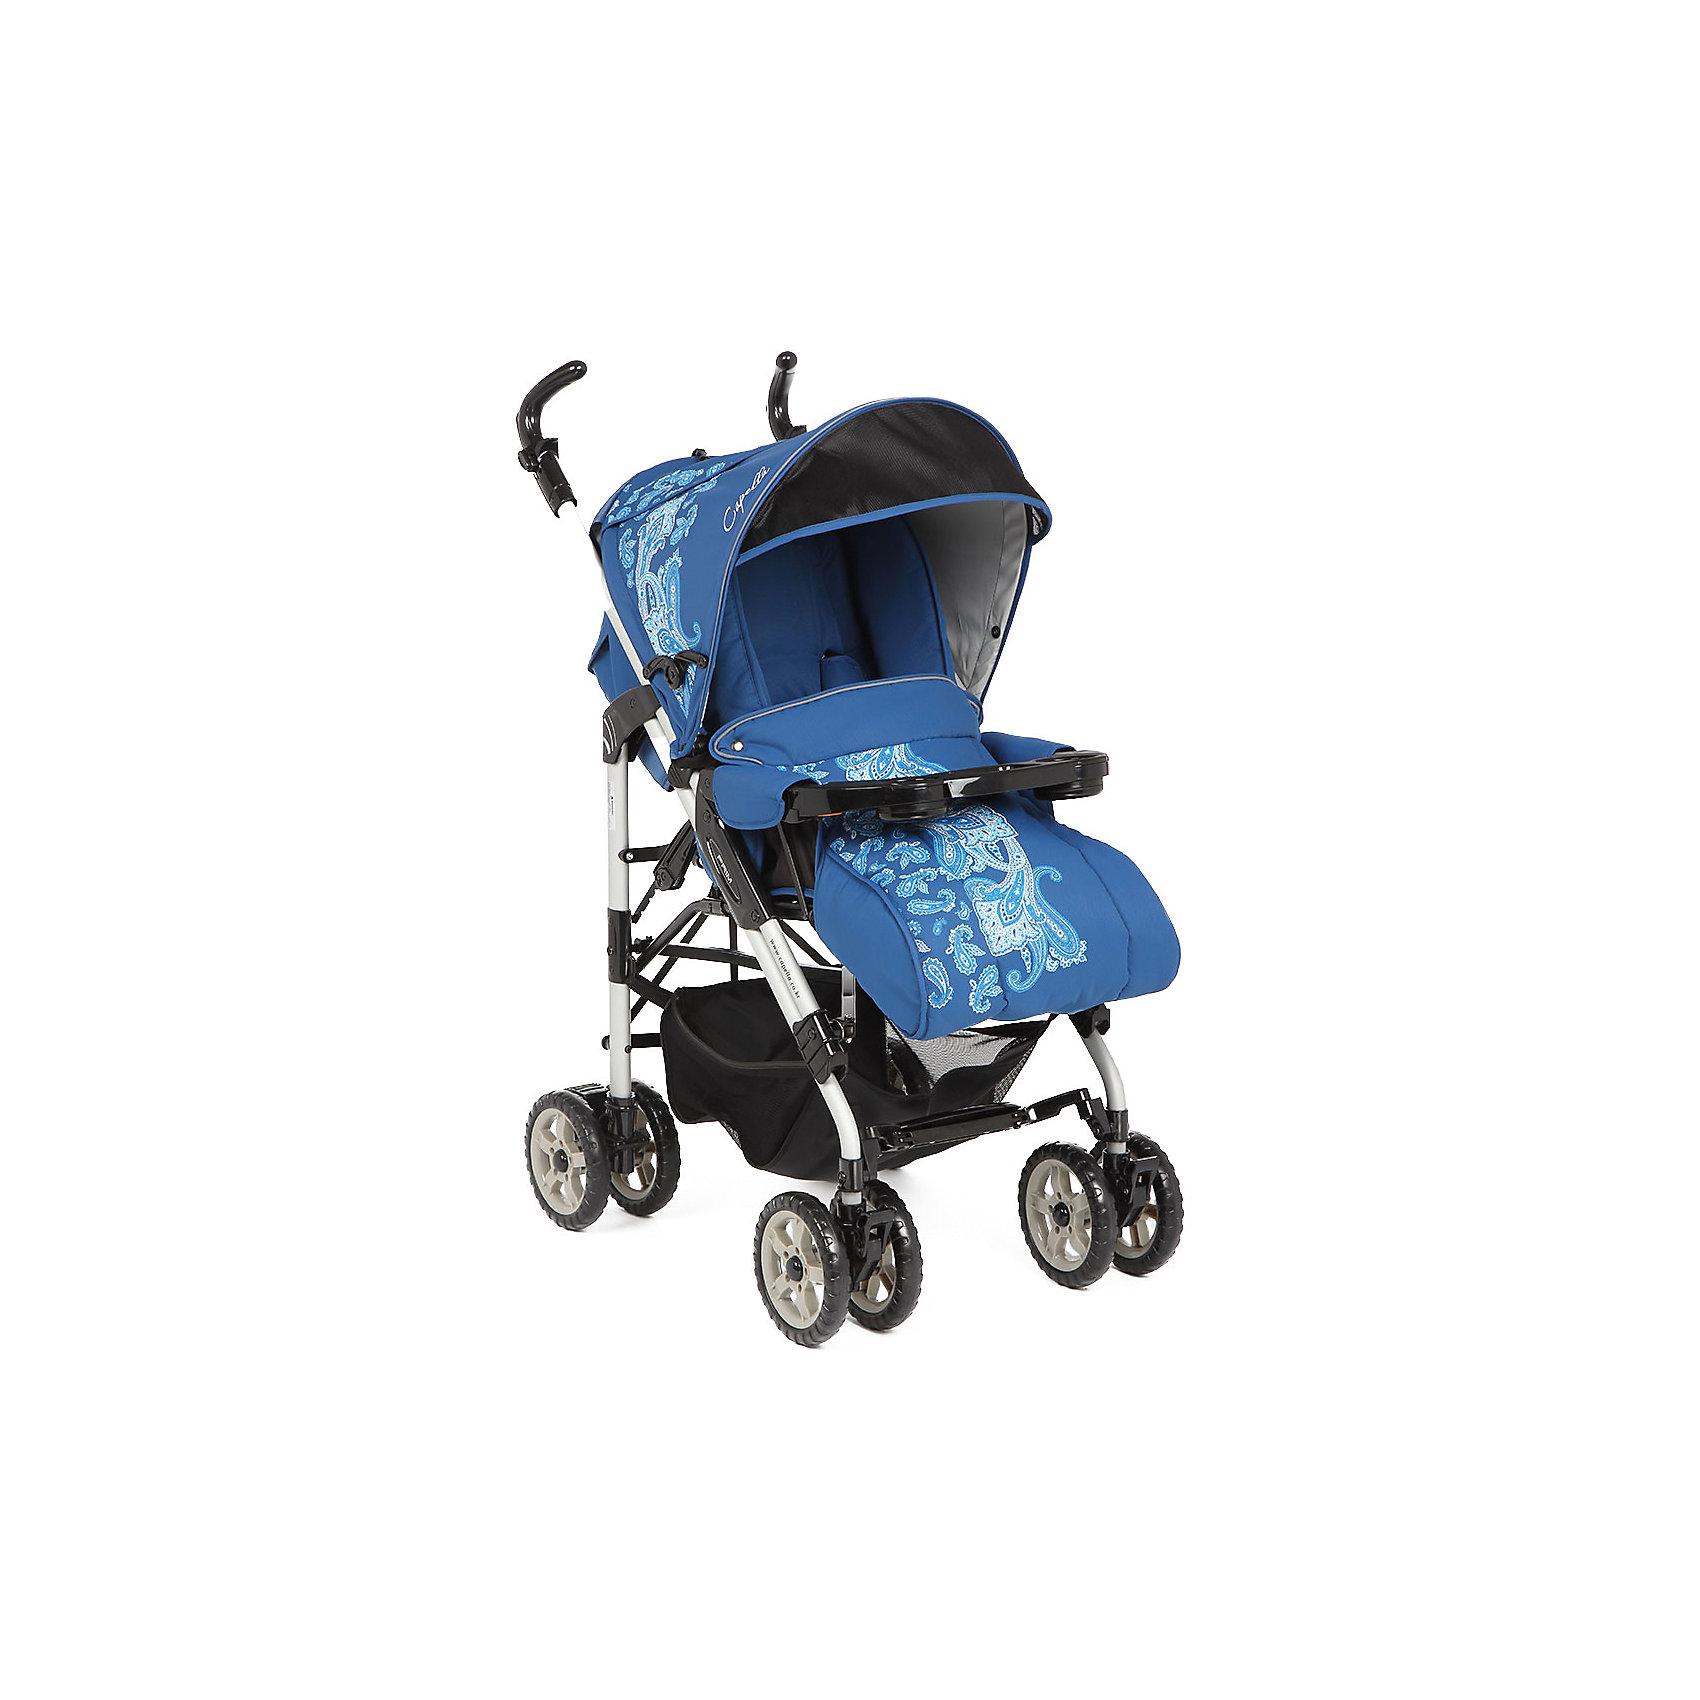 Коляска-трость S-321, Capella, синийУдобная и стильная прогулочная коляска выполнена в современном и удобном дизайне. Прочная коляска-трость позволит перевозить ребенка, не беспокоясь при этом о его безопасности. Приятный цвет коляски практичен и универсален. За счет продуманной формы колес и амортизации коляска отлично будет ехать как по не ровной дороге, так и по снегу. Коляска легкая и прочная.<br>Конструкция - очень устойчивая. Модель дополнена 5-точечными ремнями безопасности. Изделие произведено из качественных и безопасных для малышей материалов, оно соответствуют всем современным требованиям безопасности.<br><br>Дополнительная информация:<br><br>цвет: синий;<br>механизм складывания: трость; <br>возраст ребенка: от 6 месяцев;<br>вес коляски: 10,2 кг;<br>4 двойных колеса;<br>фиксация передних колес;<br>регулировка подножки по высоте;<br>ремни безопасности: пятиточечные;<br>регулировка ручки по высоте<br>дождевик;<br>москитная сетка;<br>раскладывается на 180 градусов;<br>положение лежа;<br>мягкая подвеска;<br>материал: пластик, металл, текстиль.<br><br>Прогулочную коляску S-321, синий от компании Capella можно купить в нашем магазине.<br><br>Ширина мм: 1000<br>Глубина мм: 530<br>Высота мм: 730<br>Вес г: 10000<br>Возраст от месяцев: 6<br>Возраст до месяцев: 36<br>Пол: Мужской<br>Возраст: Детский<br>SKU: 4778512